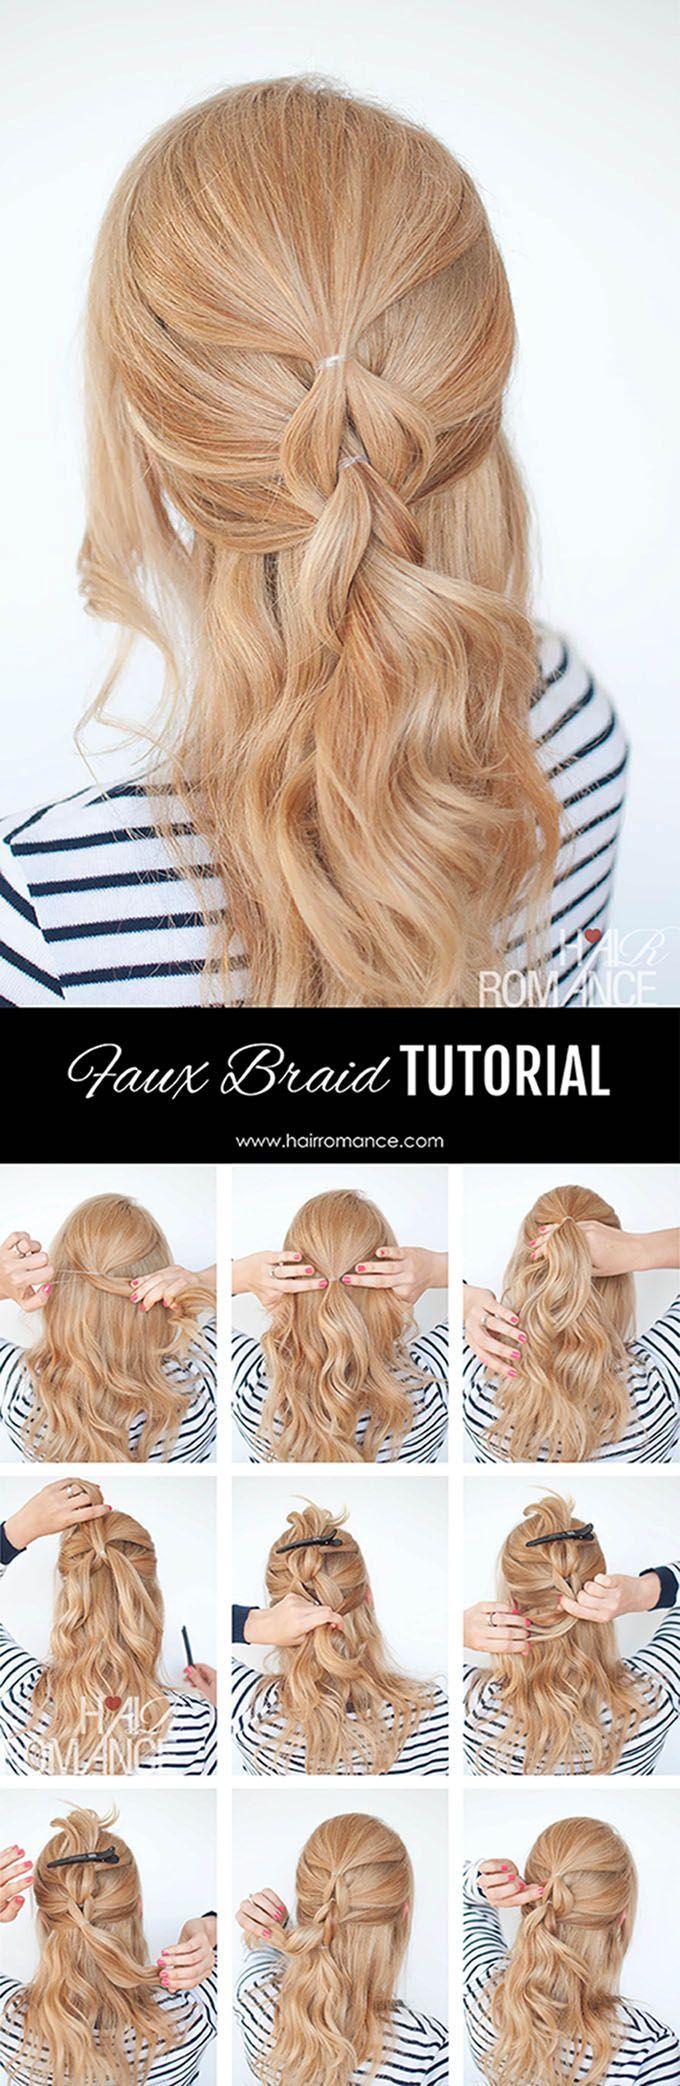 The no-braid braid – 5 pull-through braid tutorials